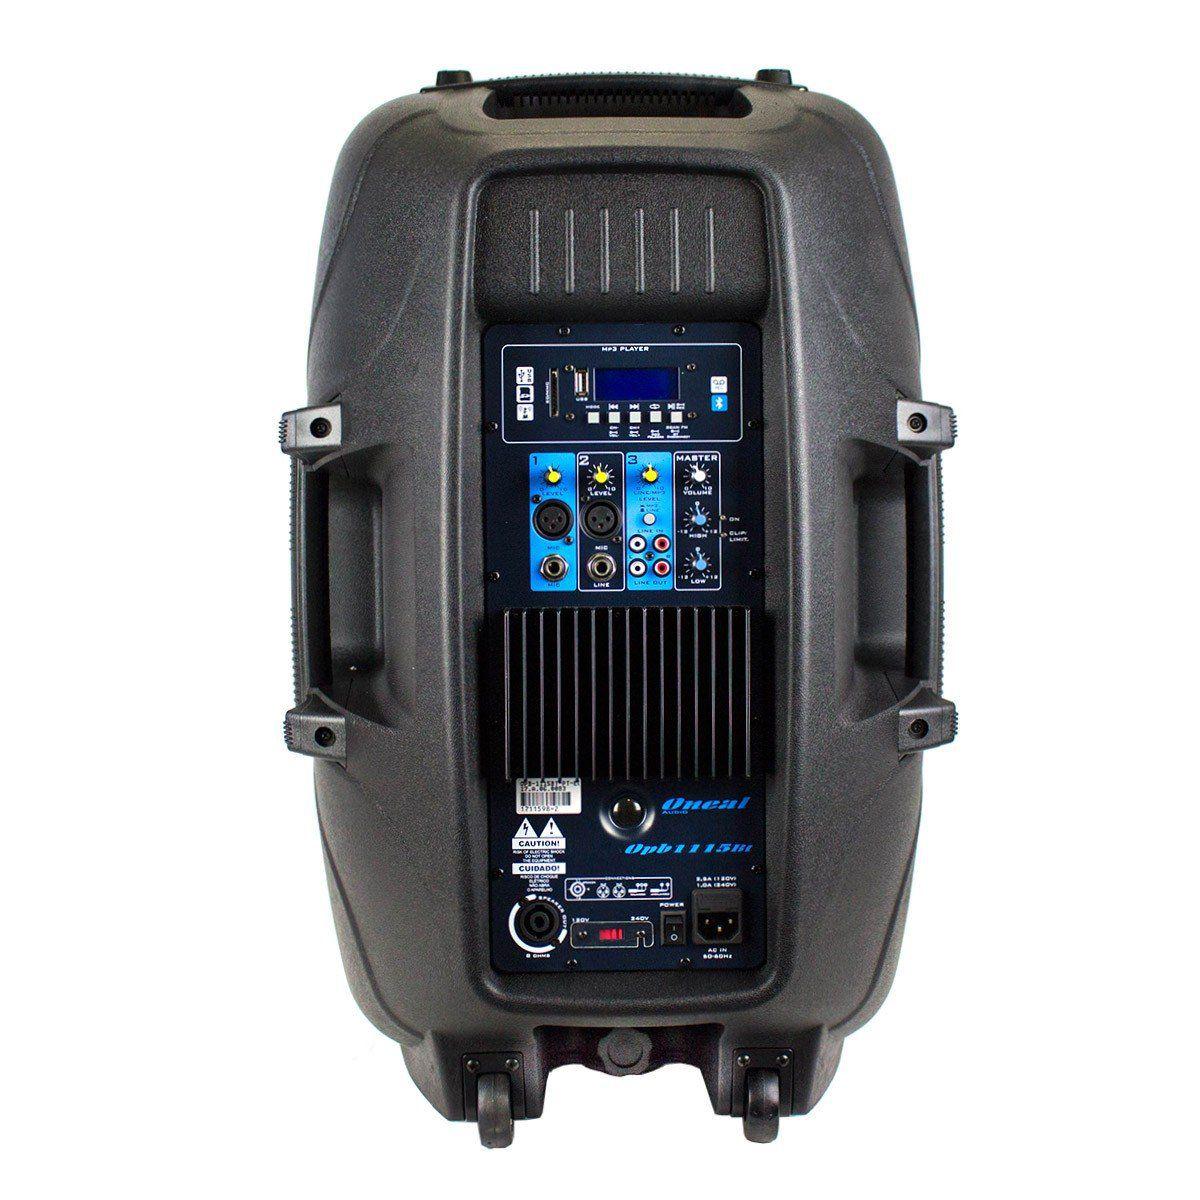 Kit Caixa De Som Oneal Ativa Passiva Opb1115 Ob1115 495w Rms + Suporte